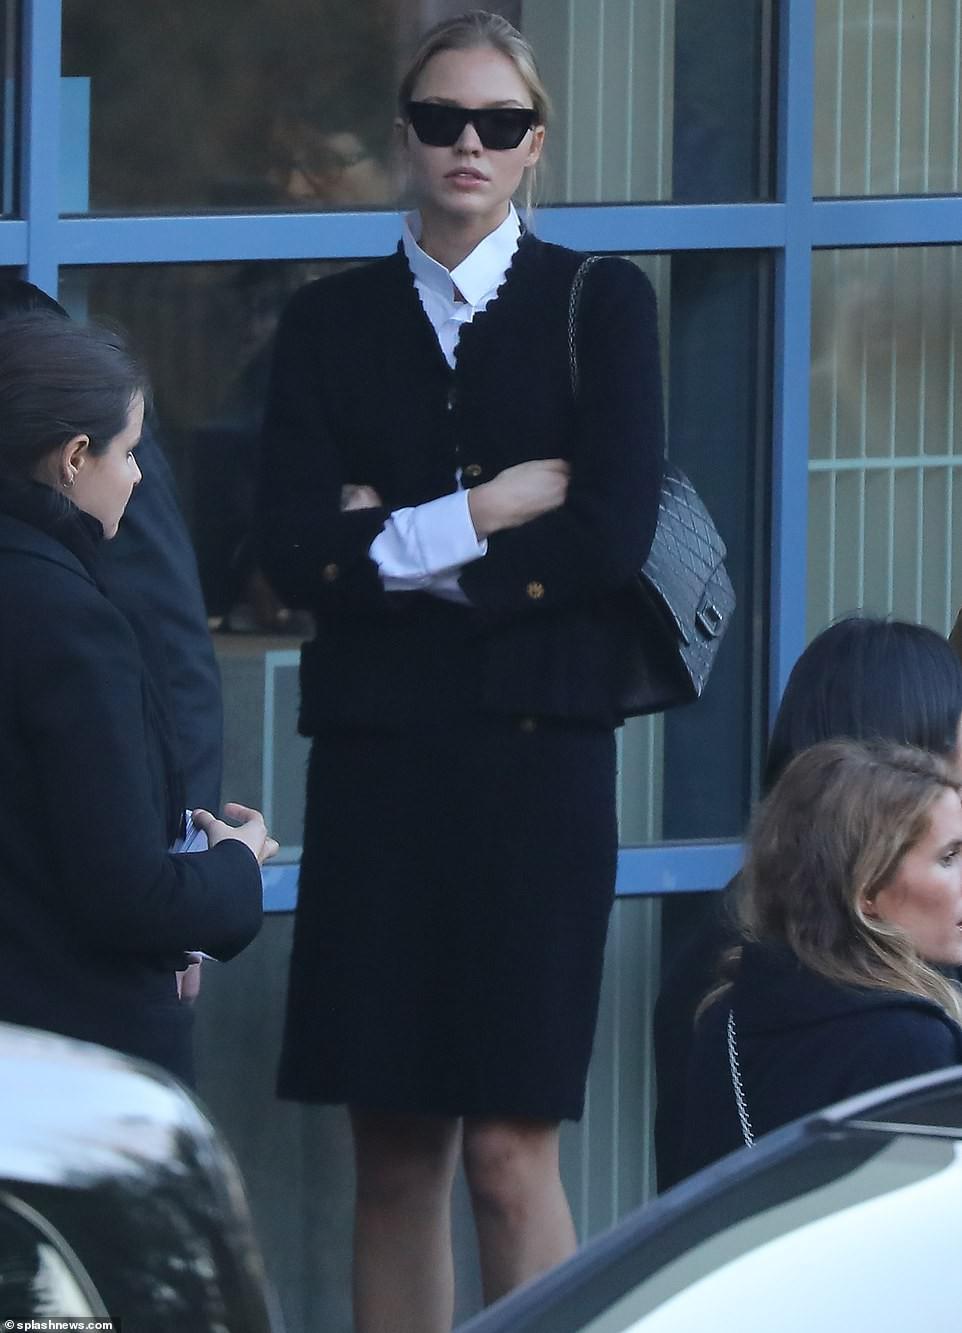 Lễ hỏa táng của huyền thoại Karl Lagerfeld: Công chúa Monaco, tổng biên tạp chí Vogue cùng dàn siêu mẫu đến tiễn đưa - Ảnh 12.